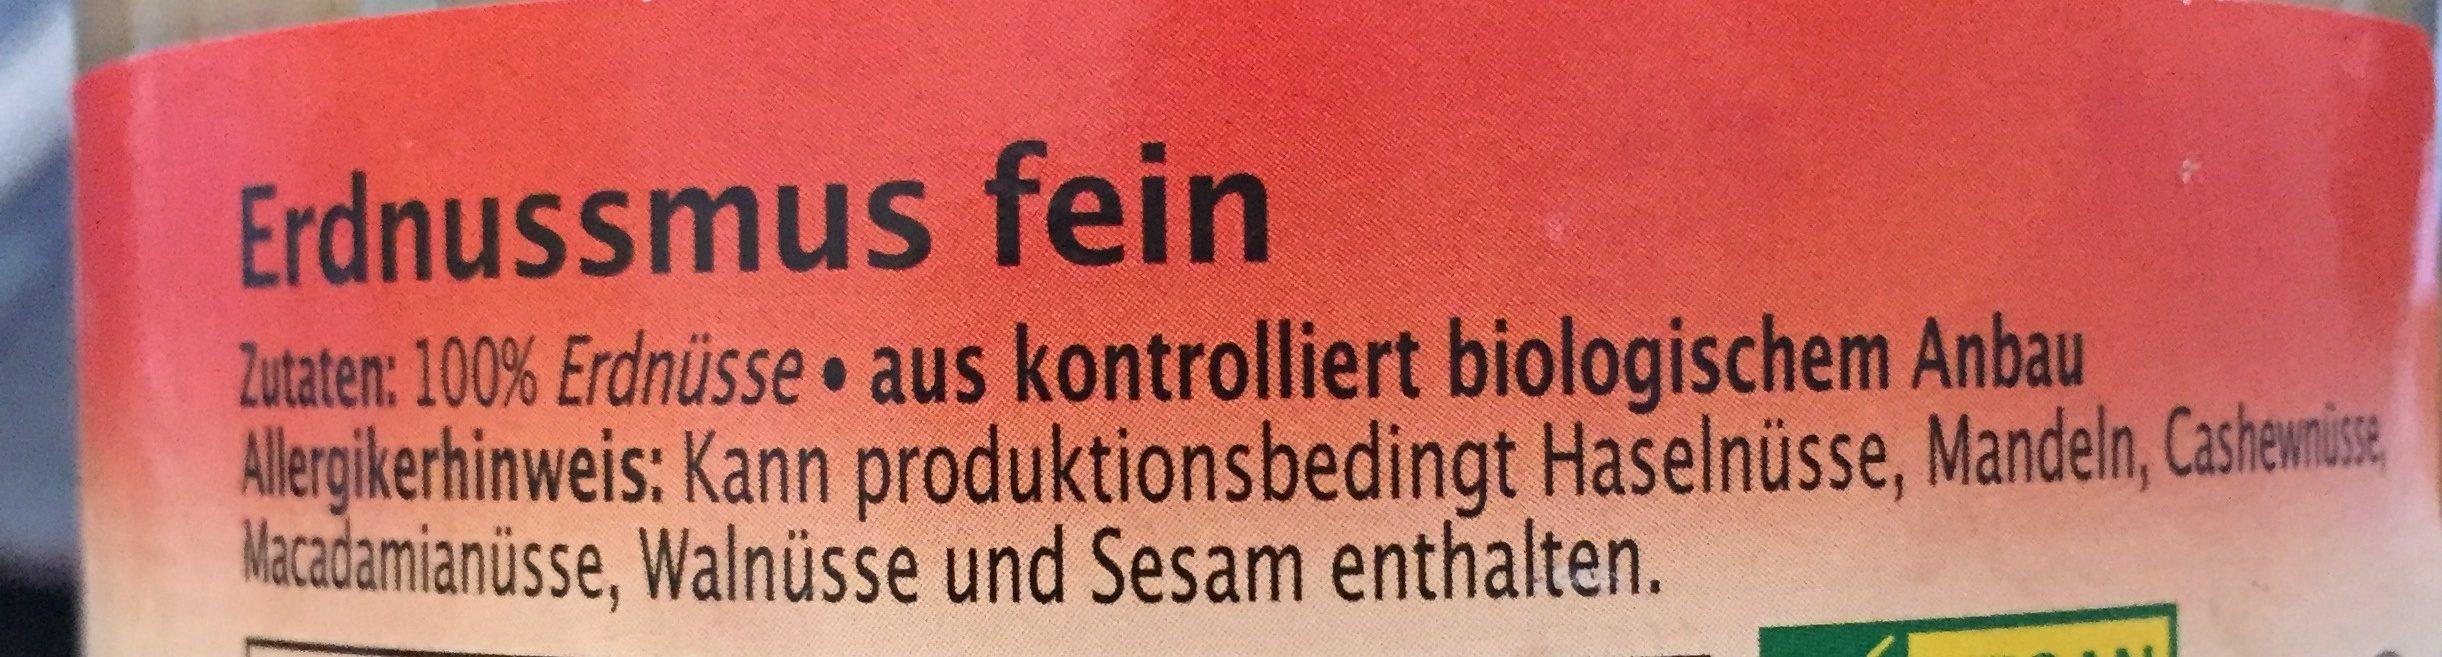 Erdnussmus fein - Ingrédients - fr